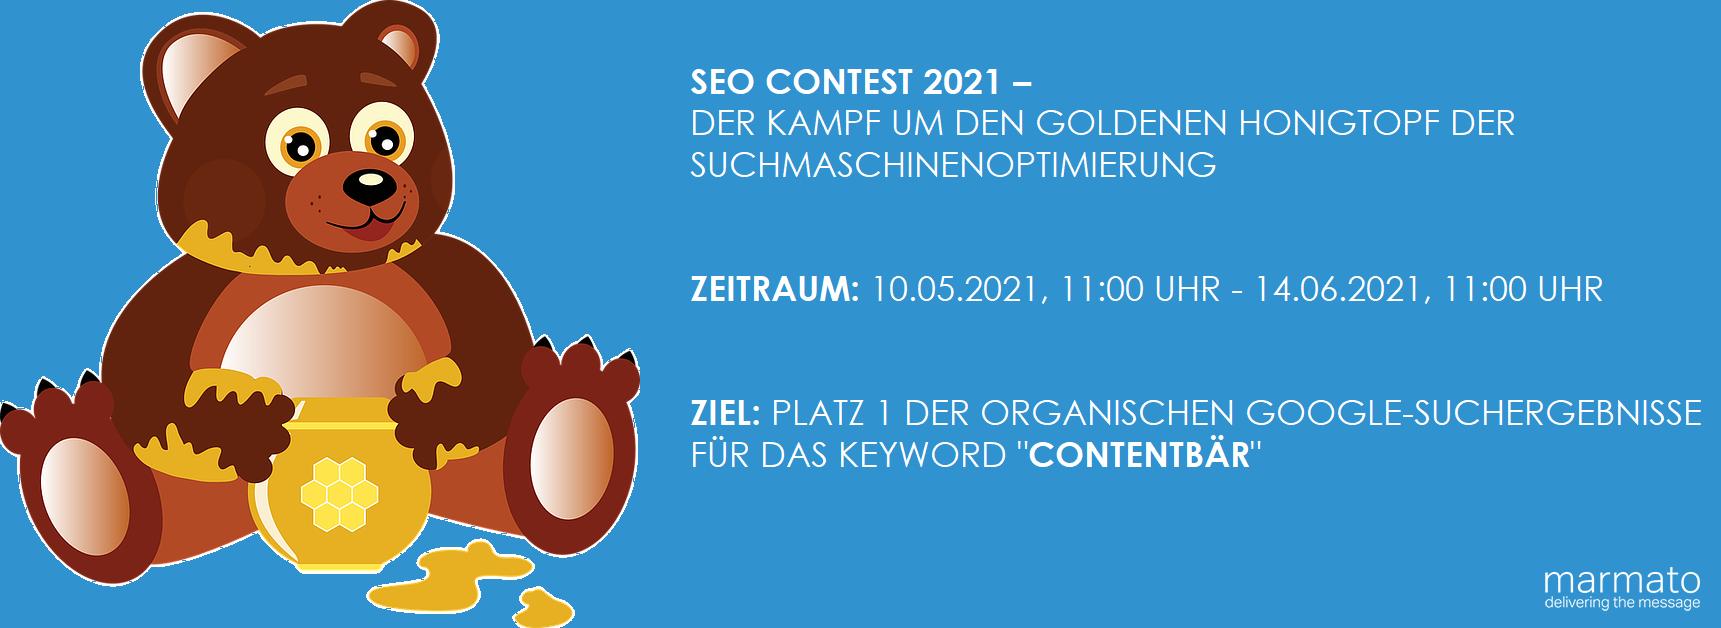 Contentbär SEO Contest, wir sind dabei!